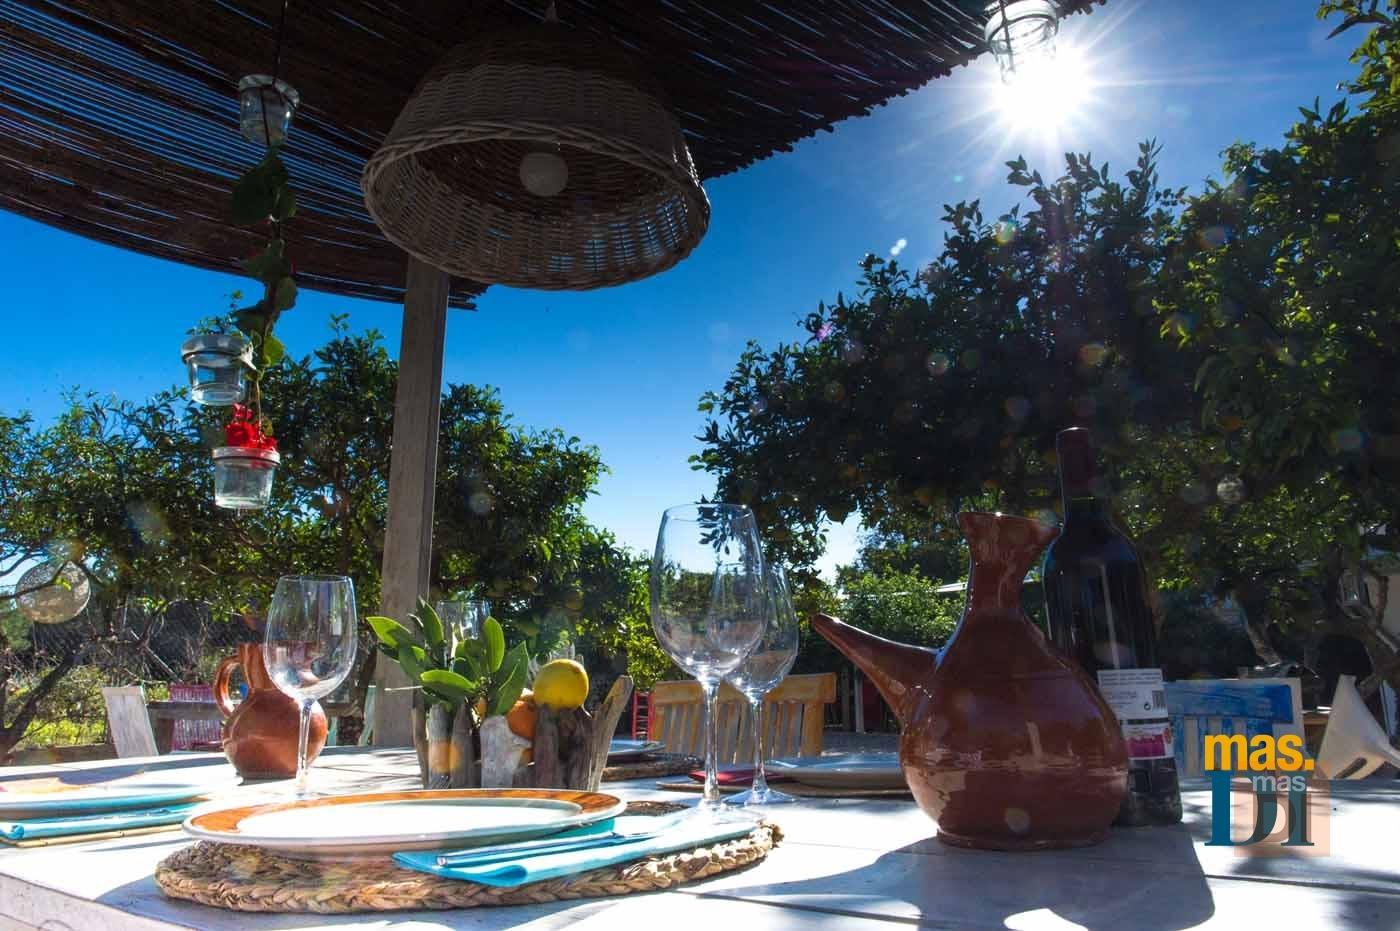 RESTAURANTE ES CALIU, Un paraíso gastronómico  en pleno campo ibicenco